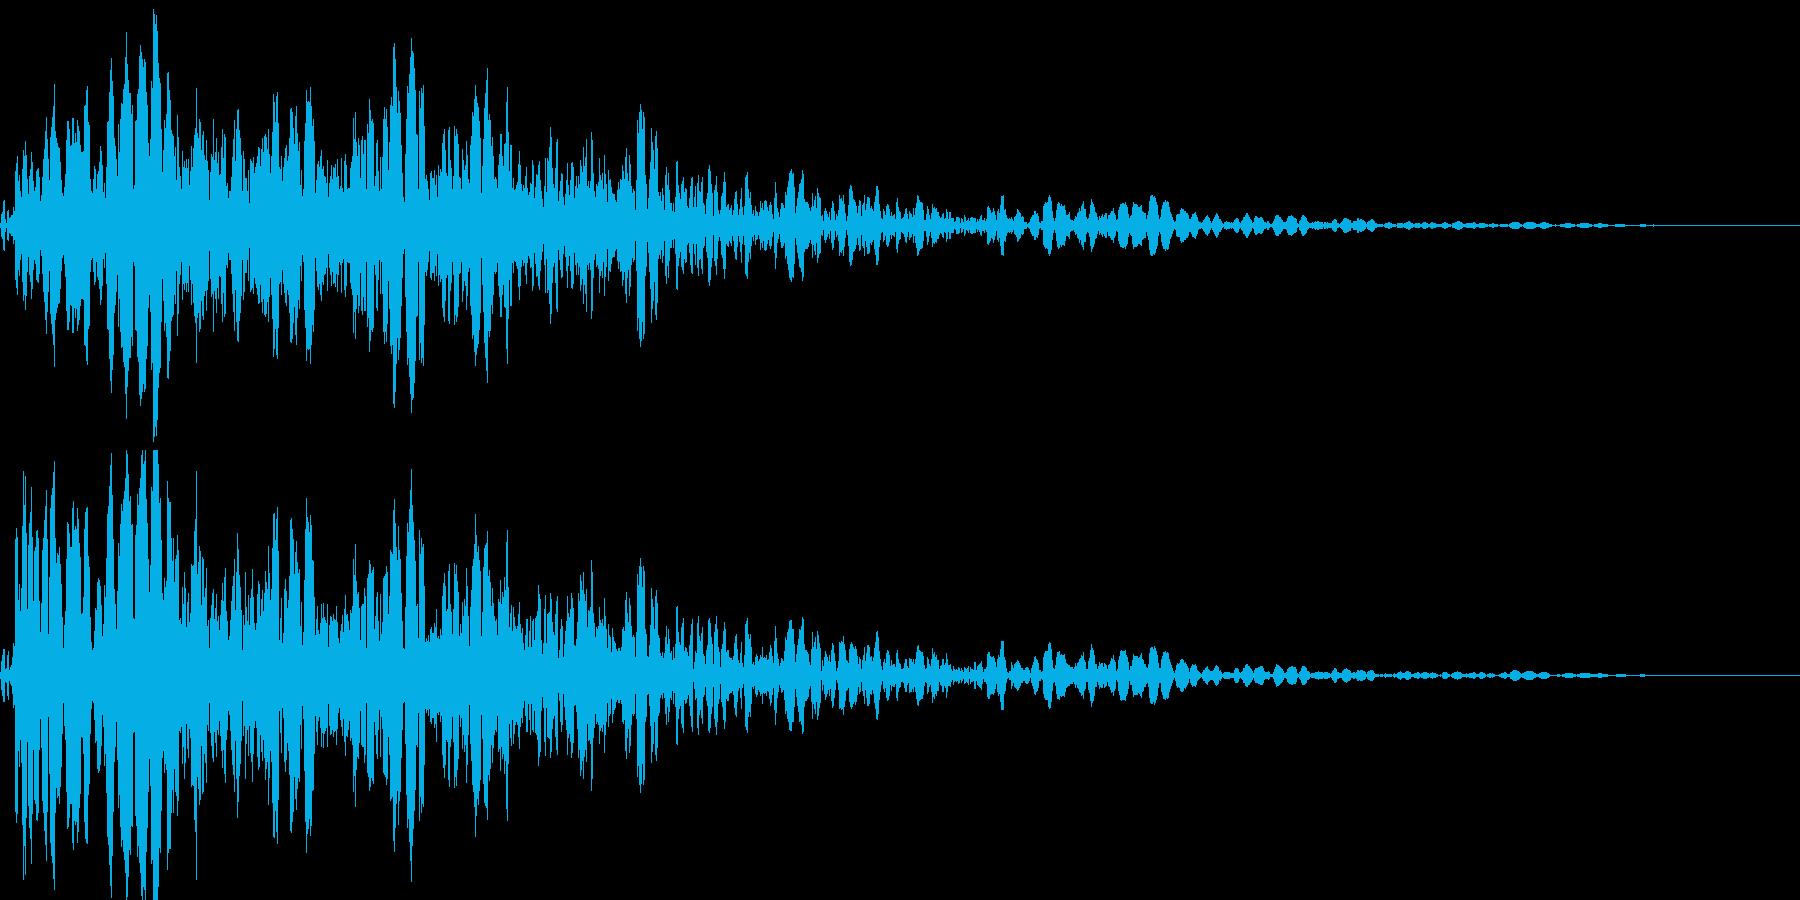 戦車や車などの被弾、衝突、効果音 01の再生済みの波形